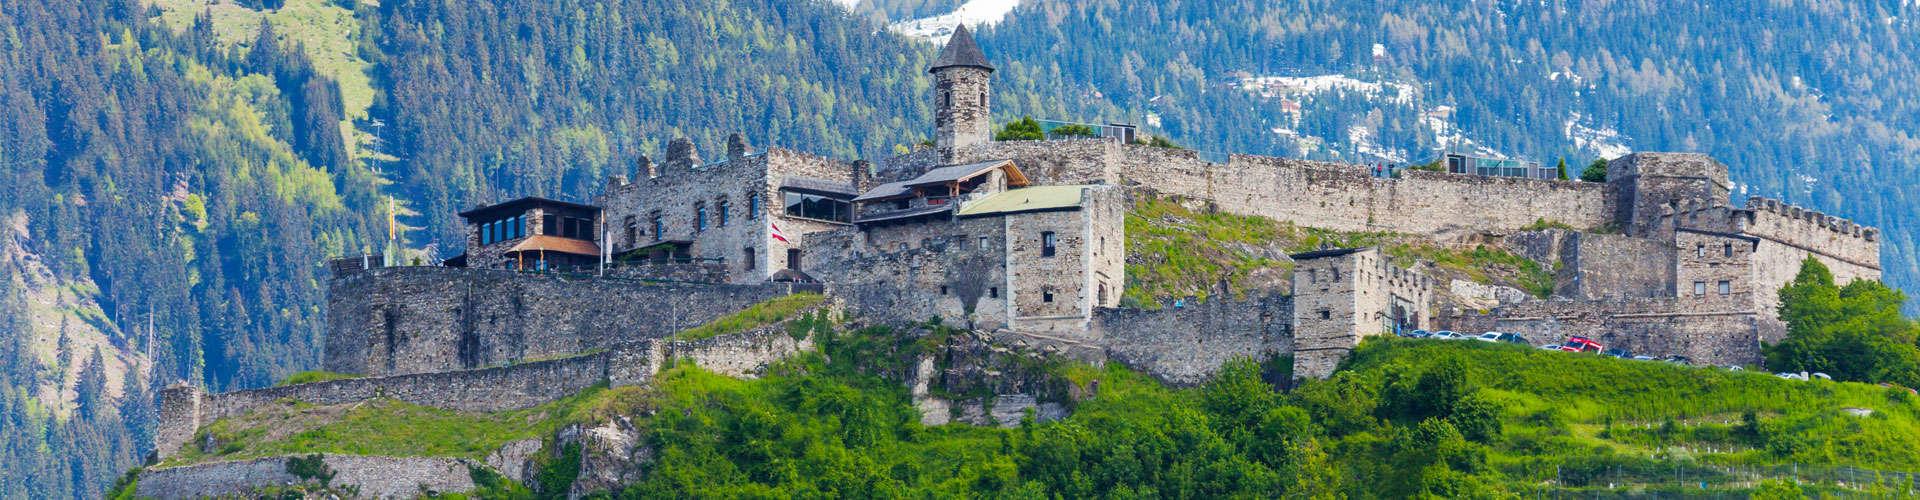 Das Revier der Adlerarena Burg Landskron © shutterstock